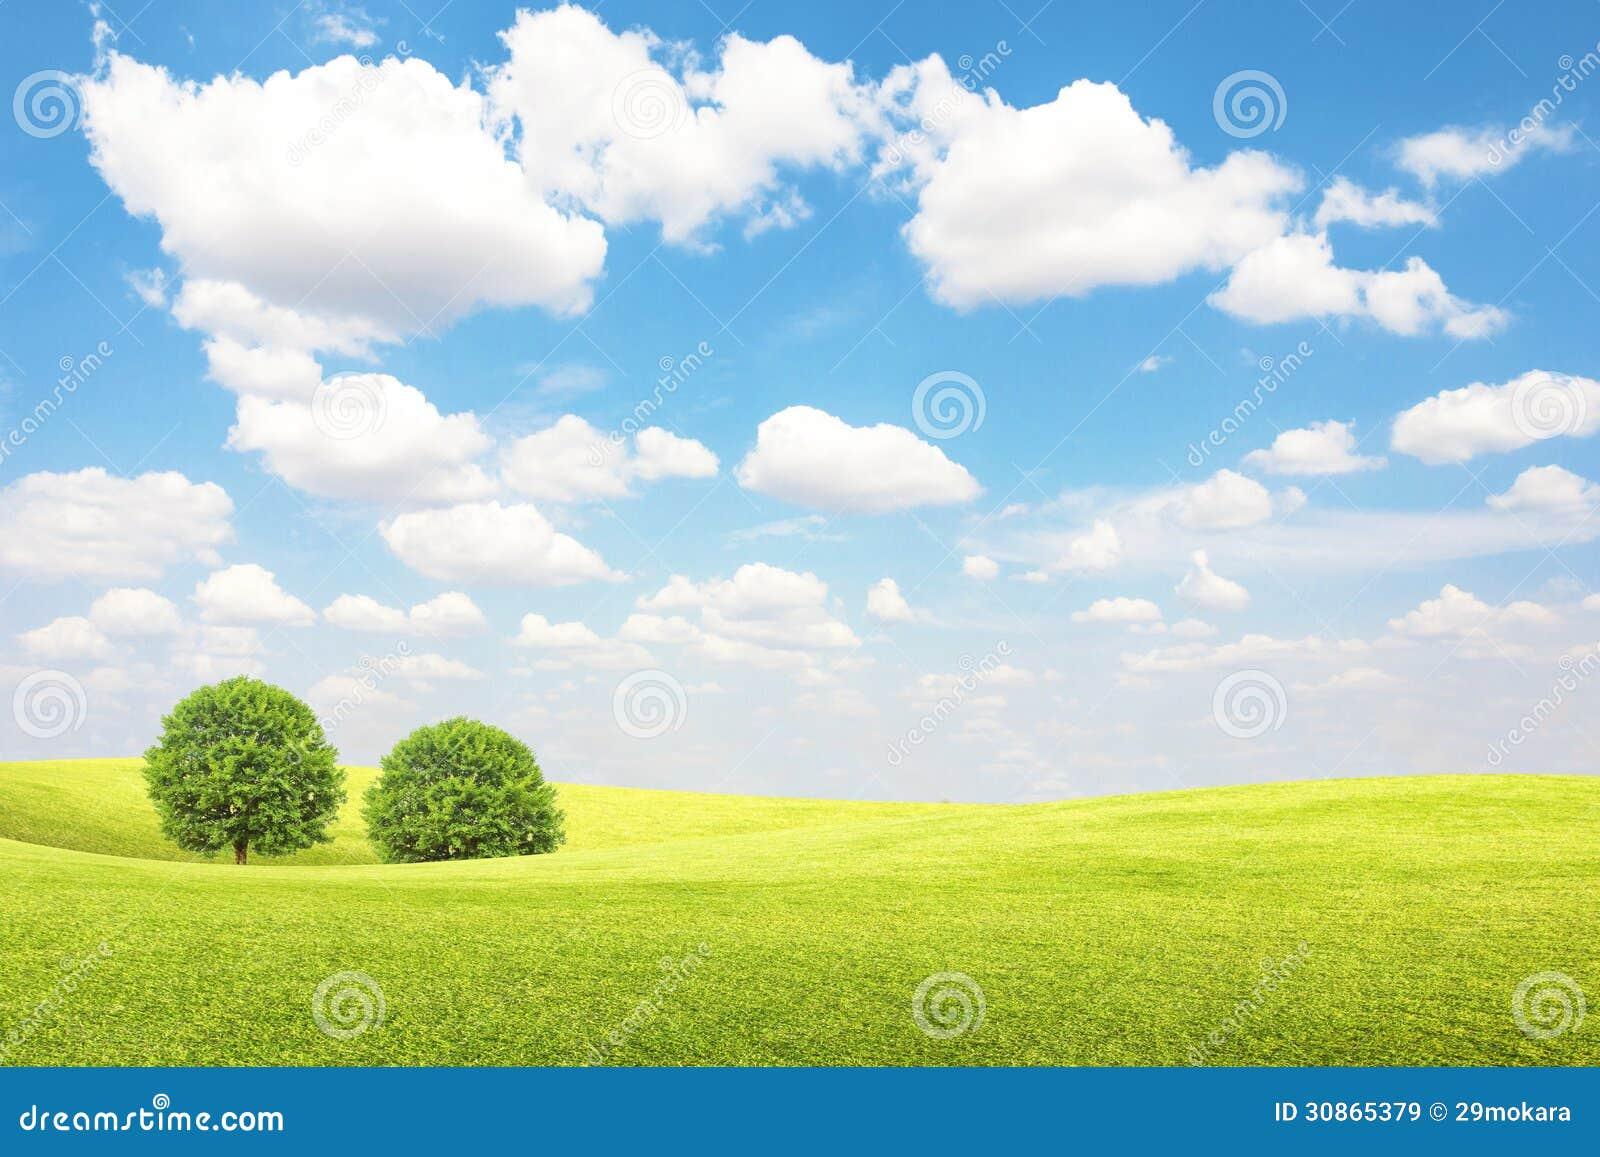 Champ Et Arbre Verts Avec Le Ciel Bleu Et Les Nuages Images Libres De Droits Image 30865379